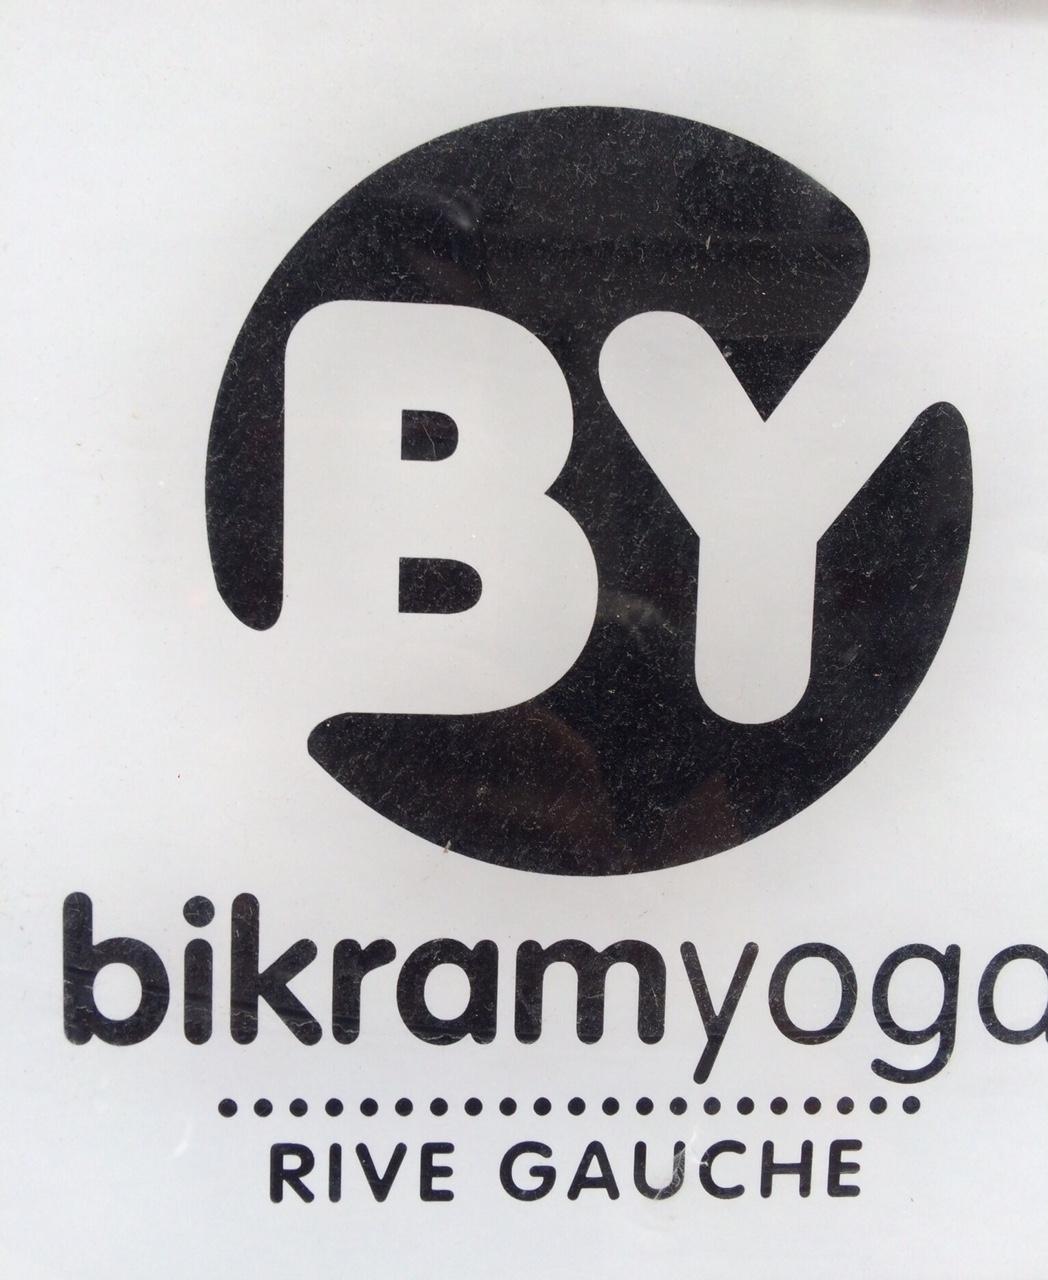 logofinalbikram.jpg